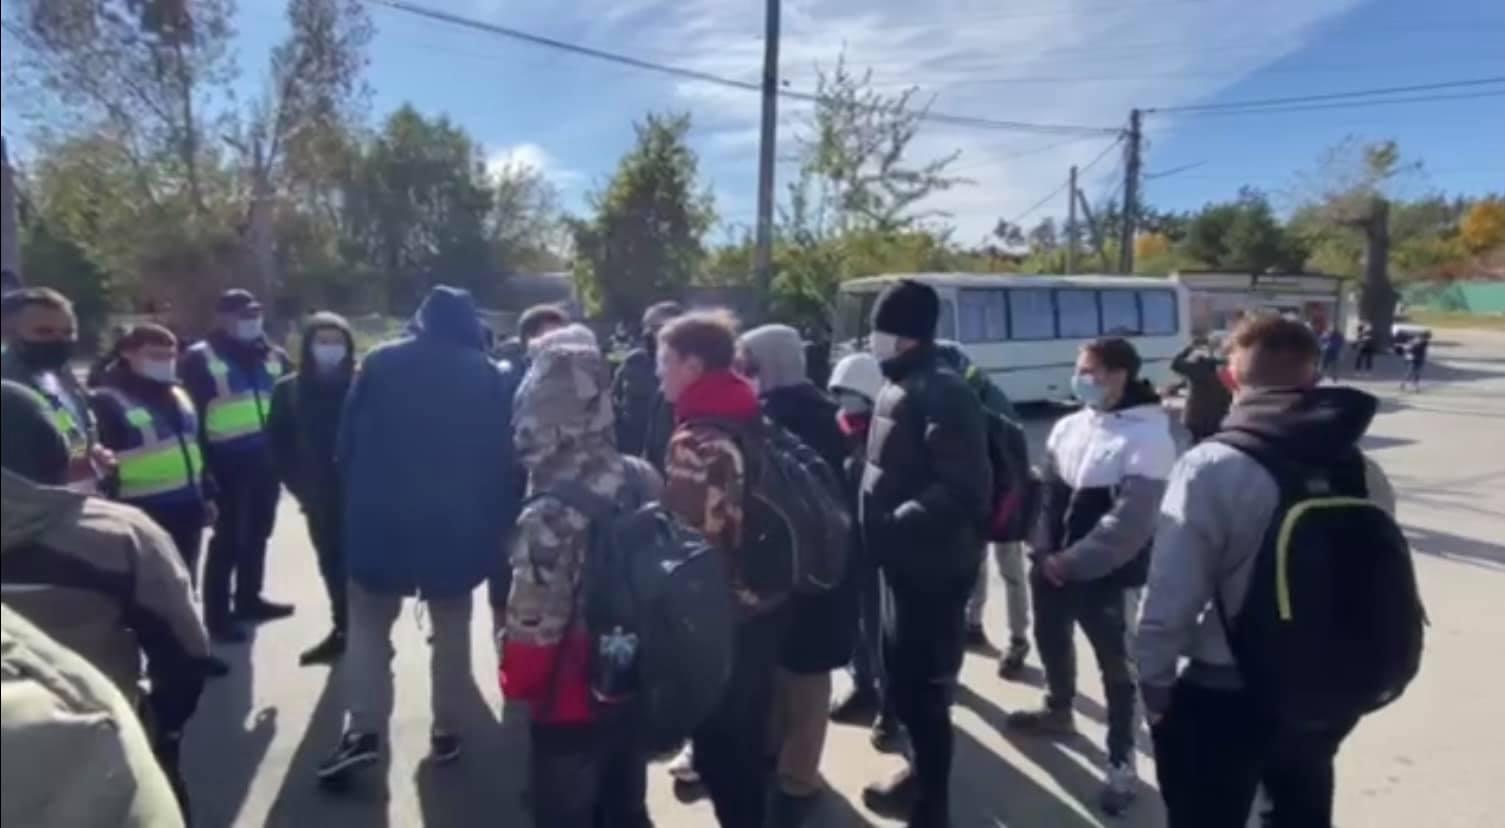 Акция в Козине: возле дома Порошенко произошли столкновения – фото, видео